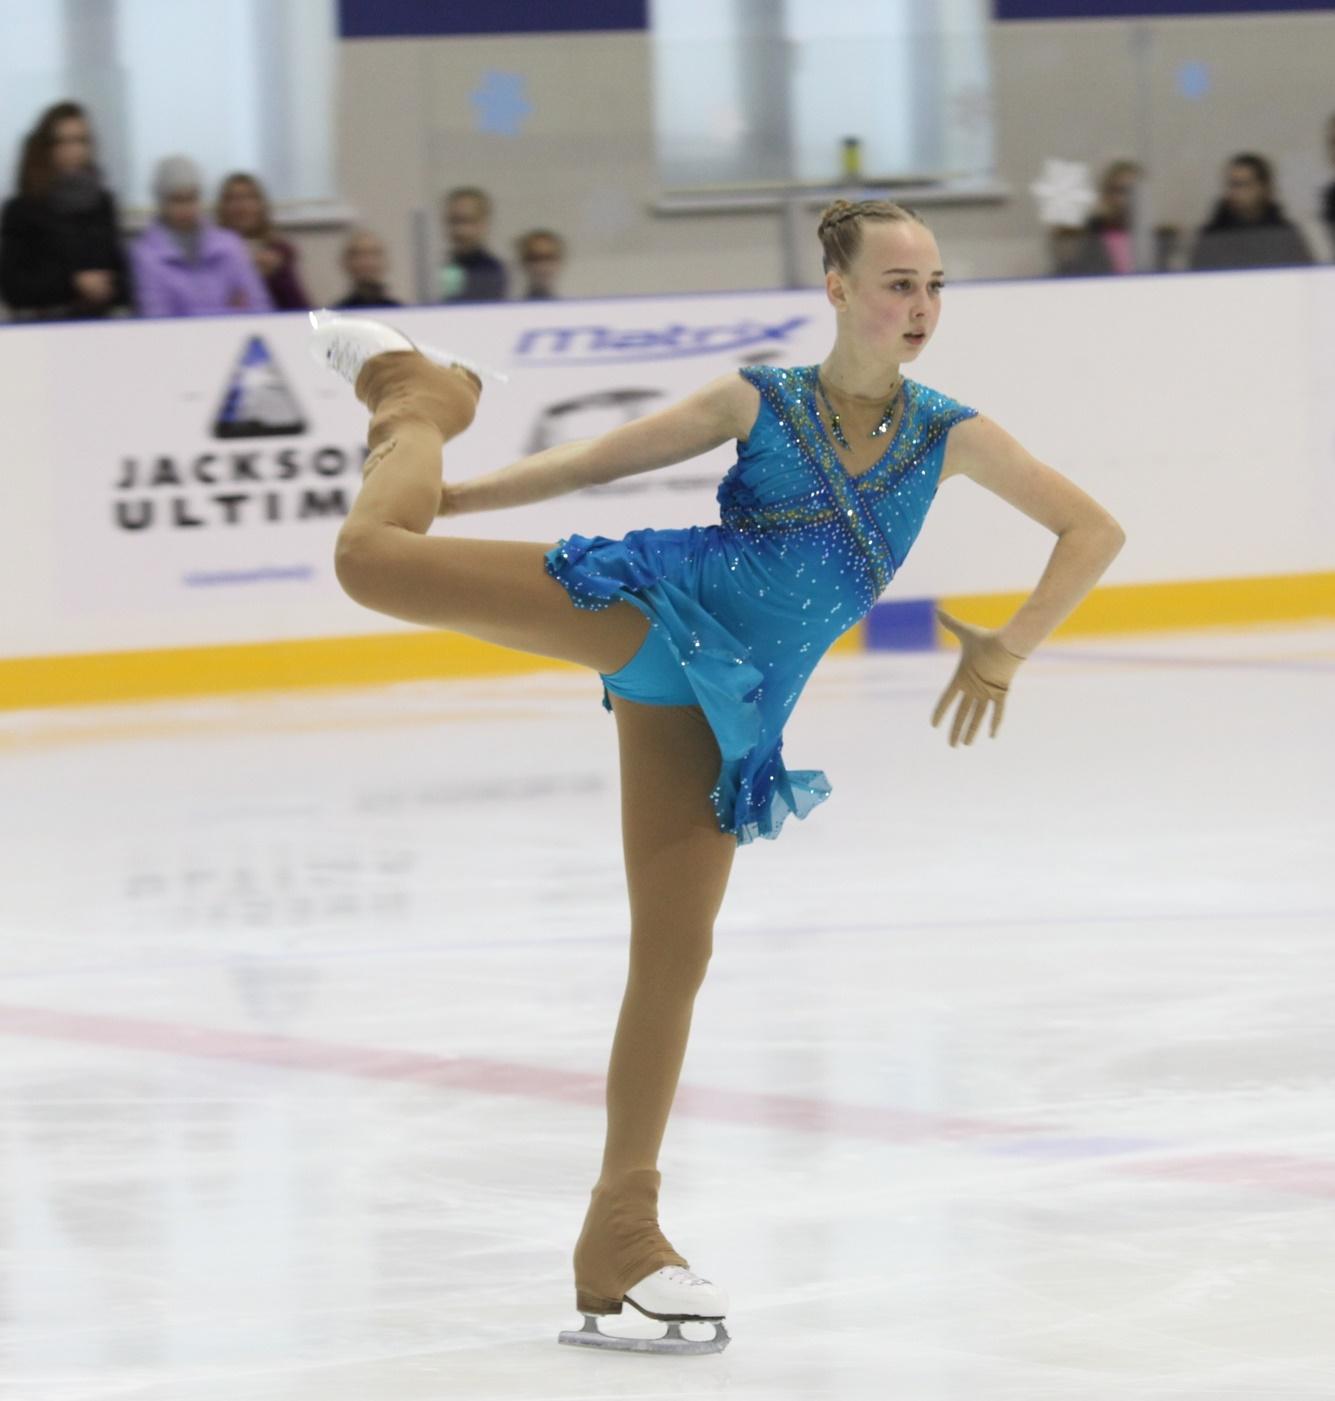 София Перминова